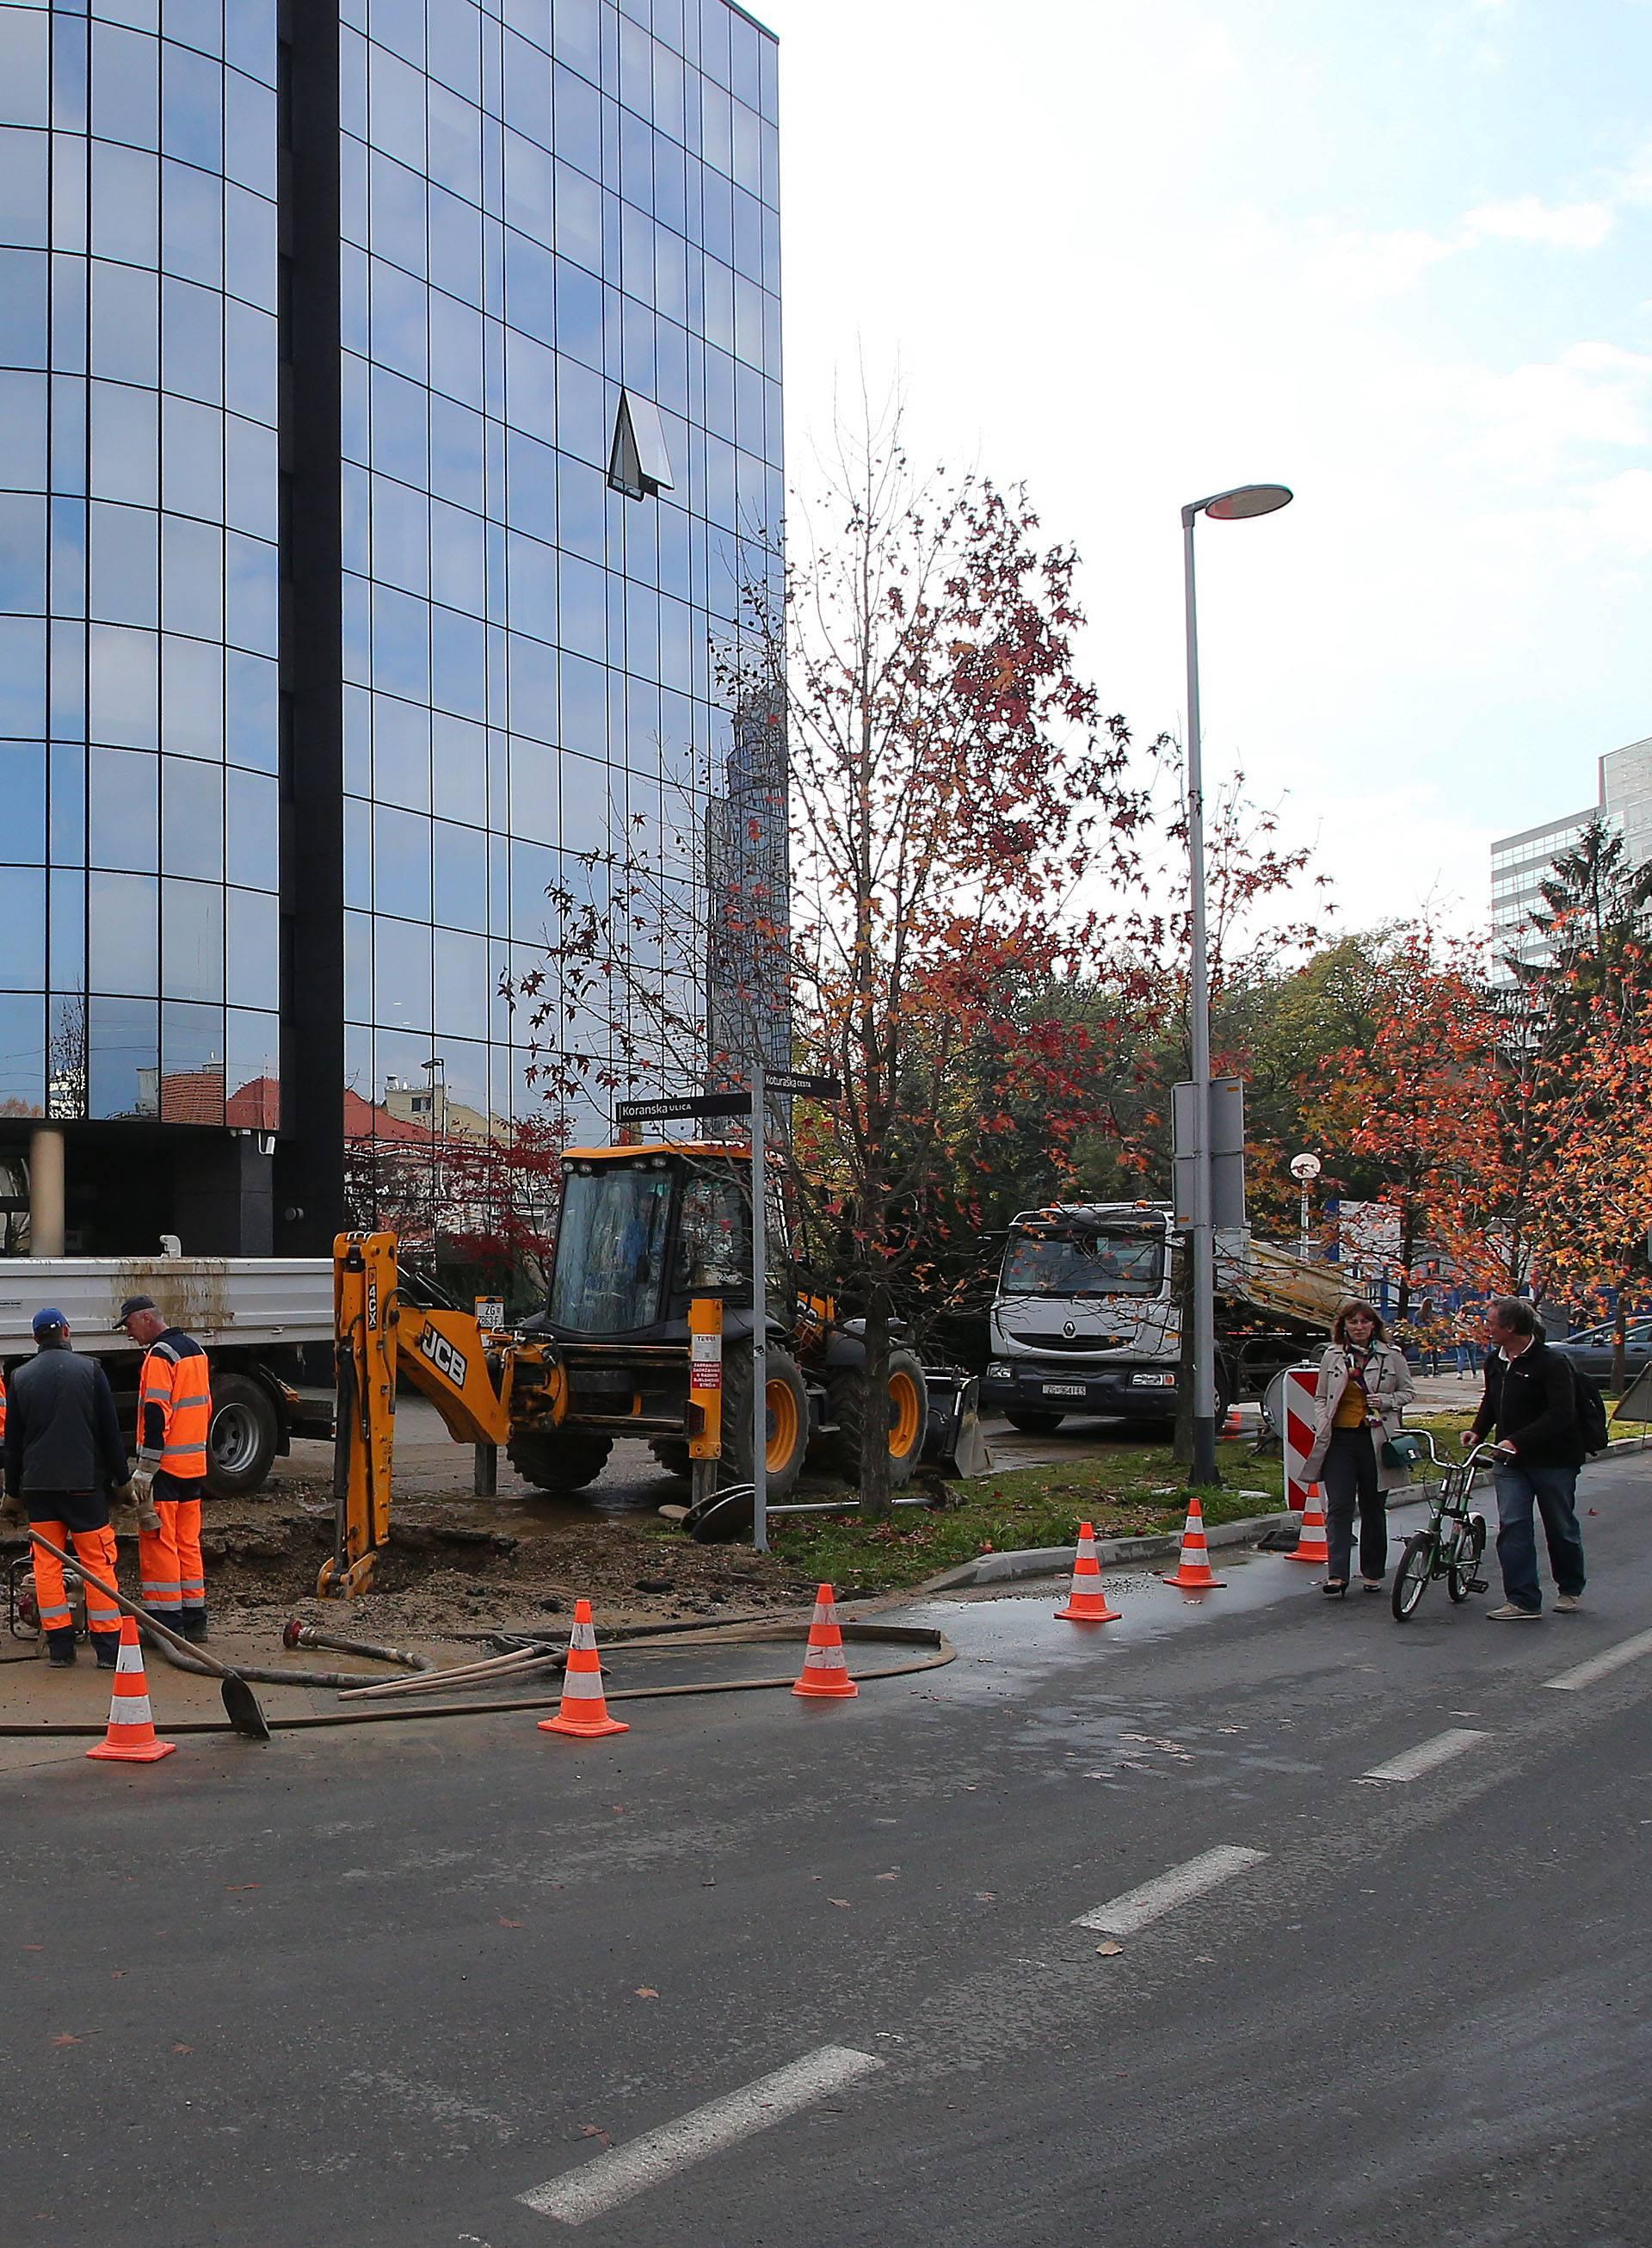 Poplava u Zagrebu: Pukla cijev, ulice plivale, poplavile i garaže